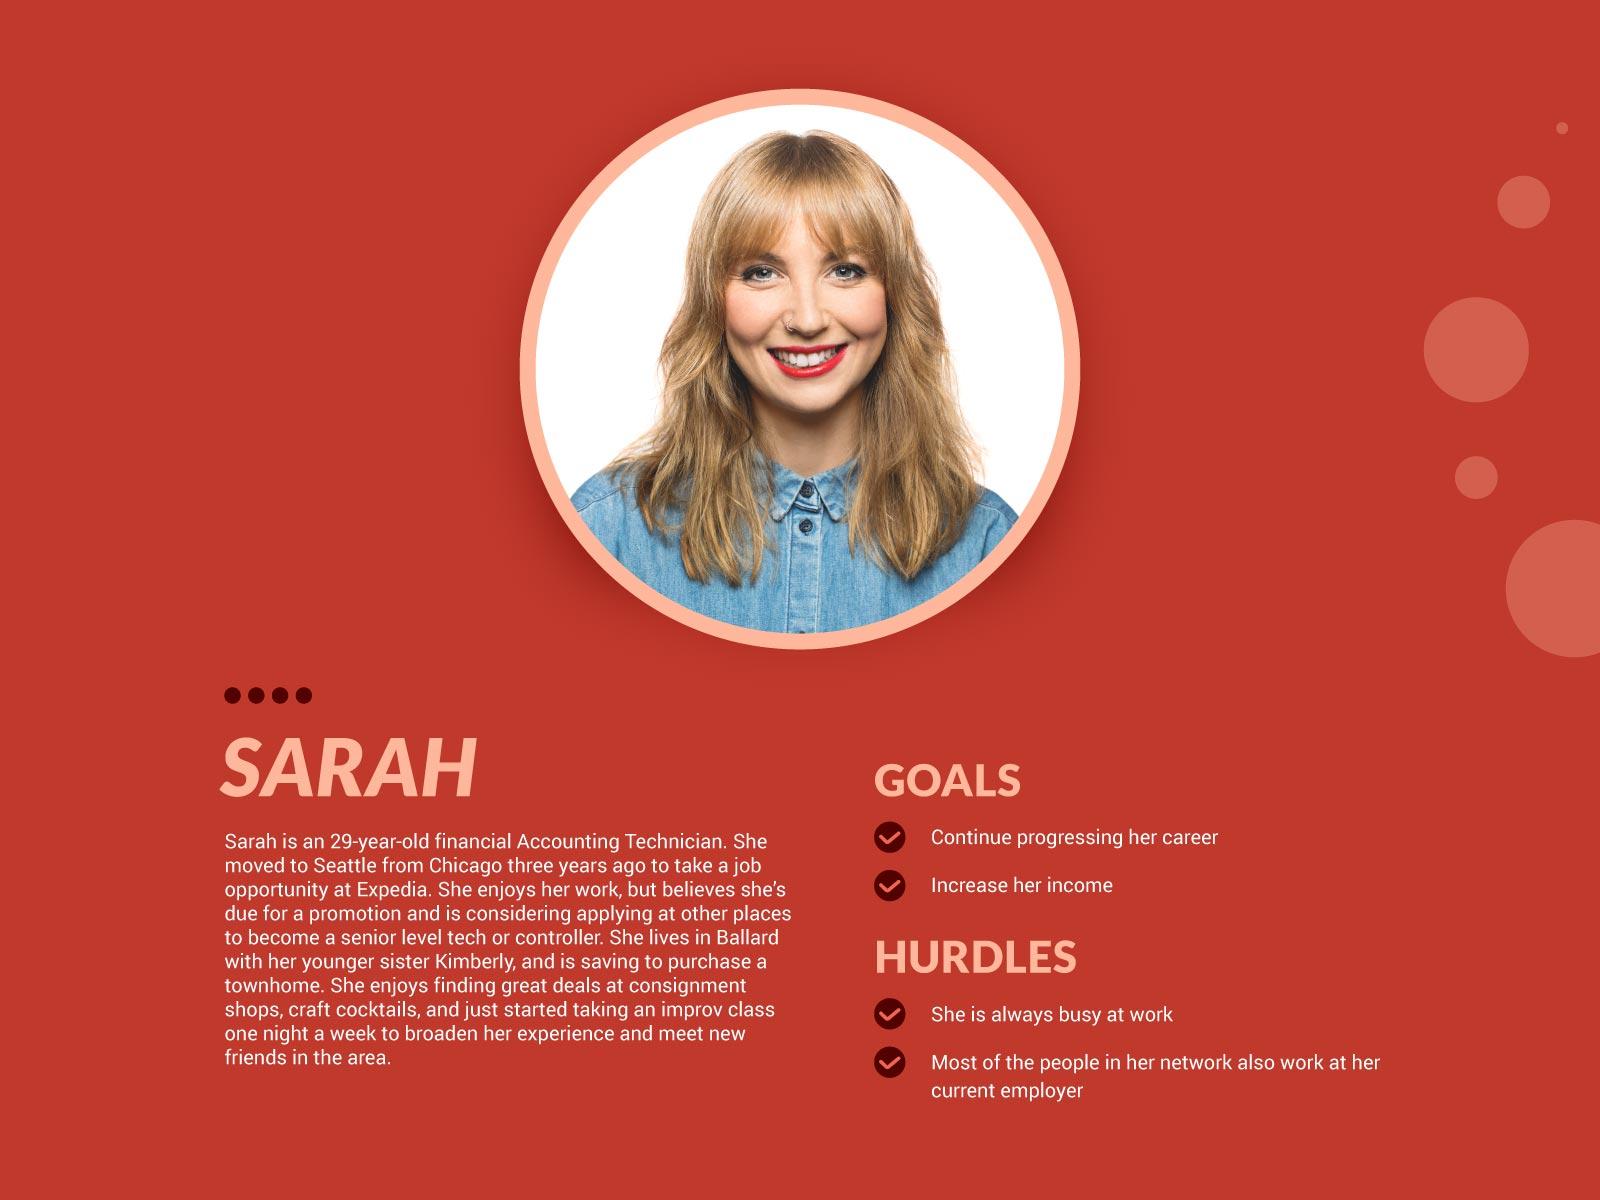 sarah user persona